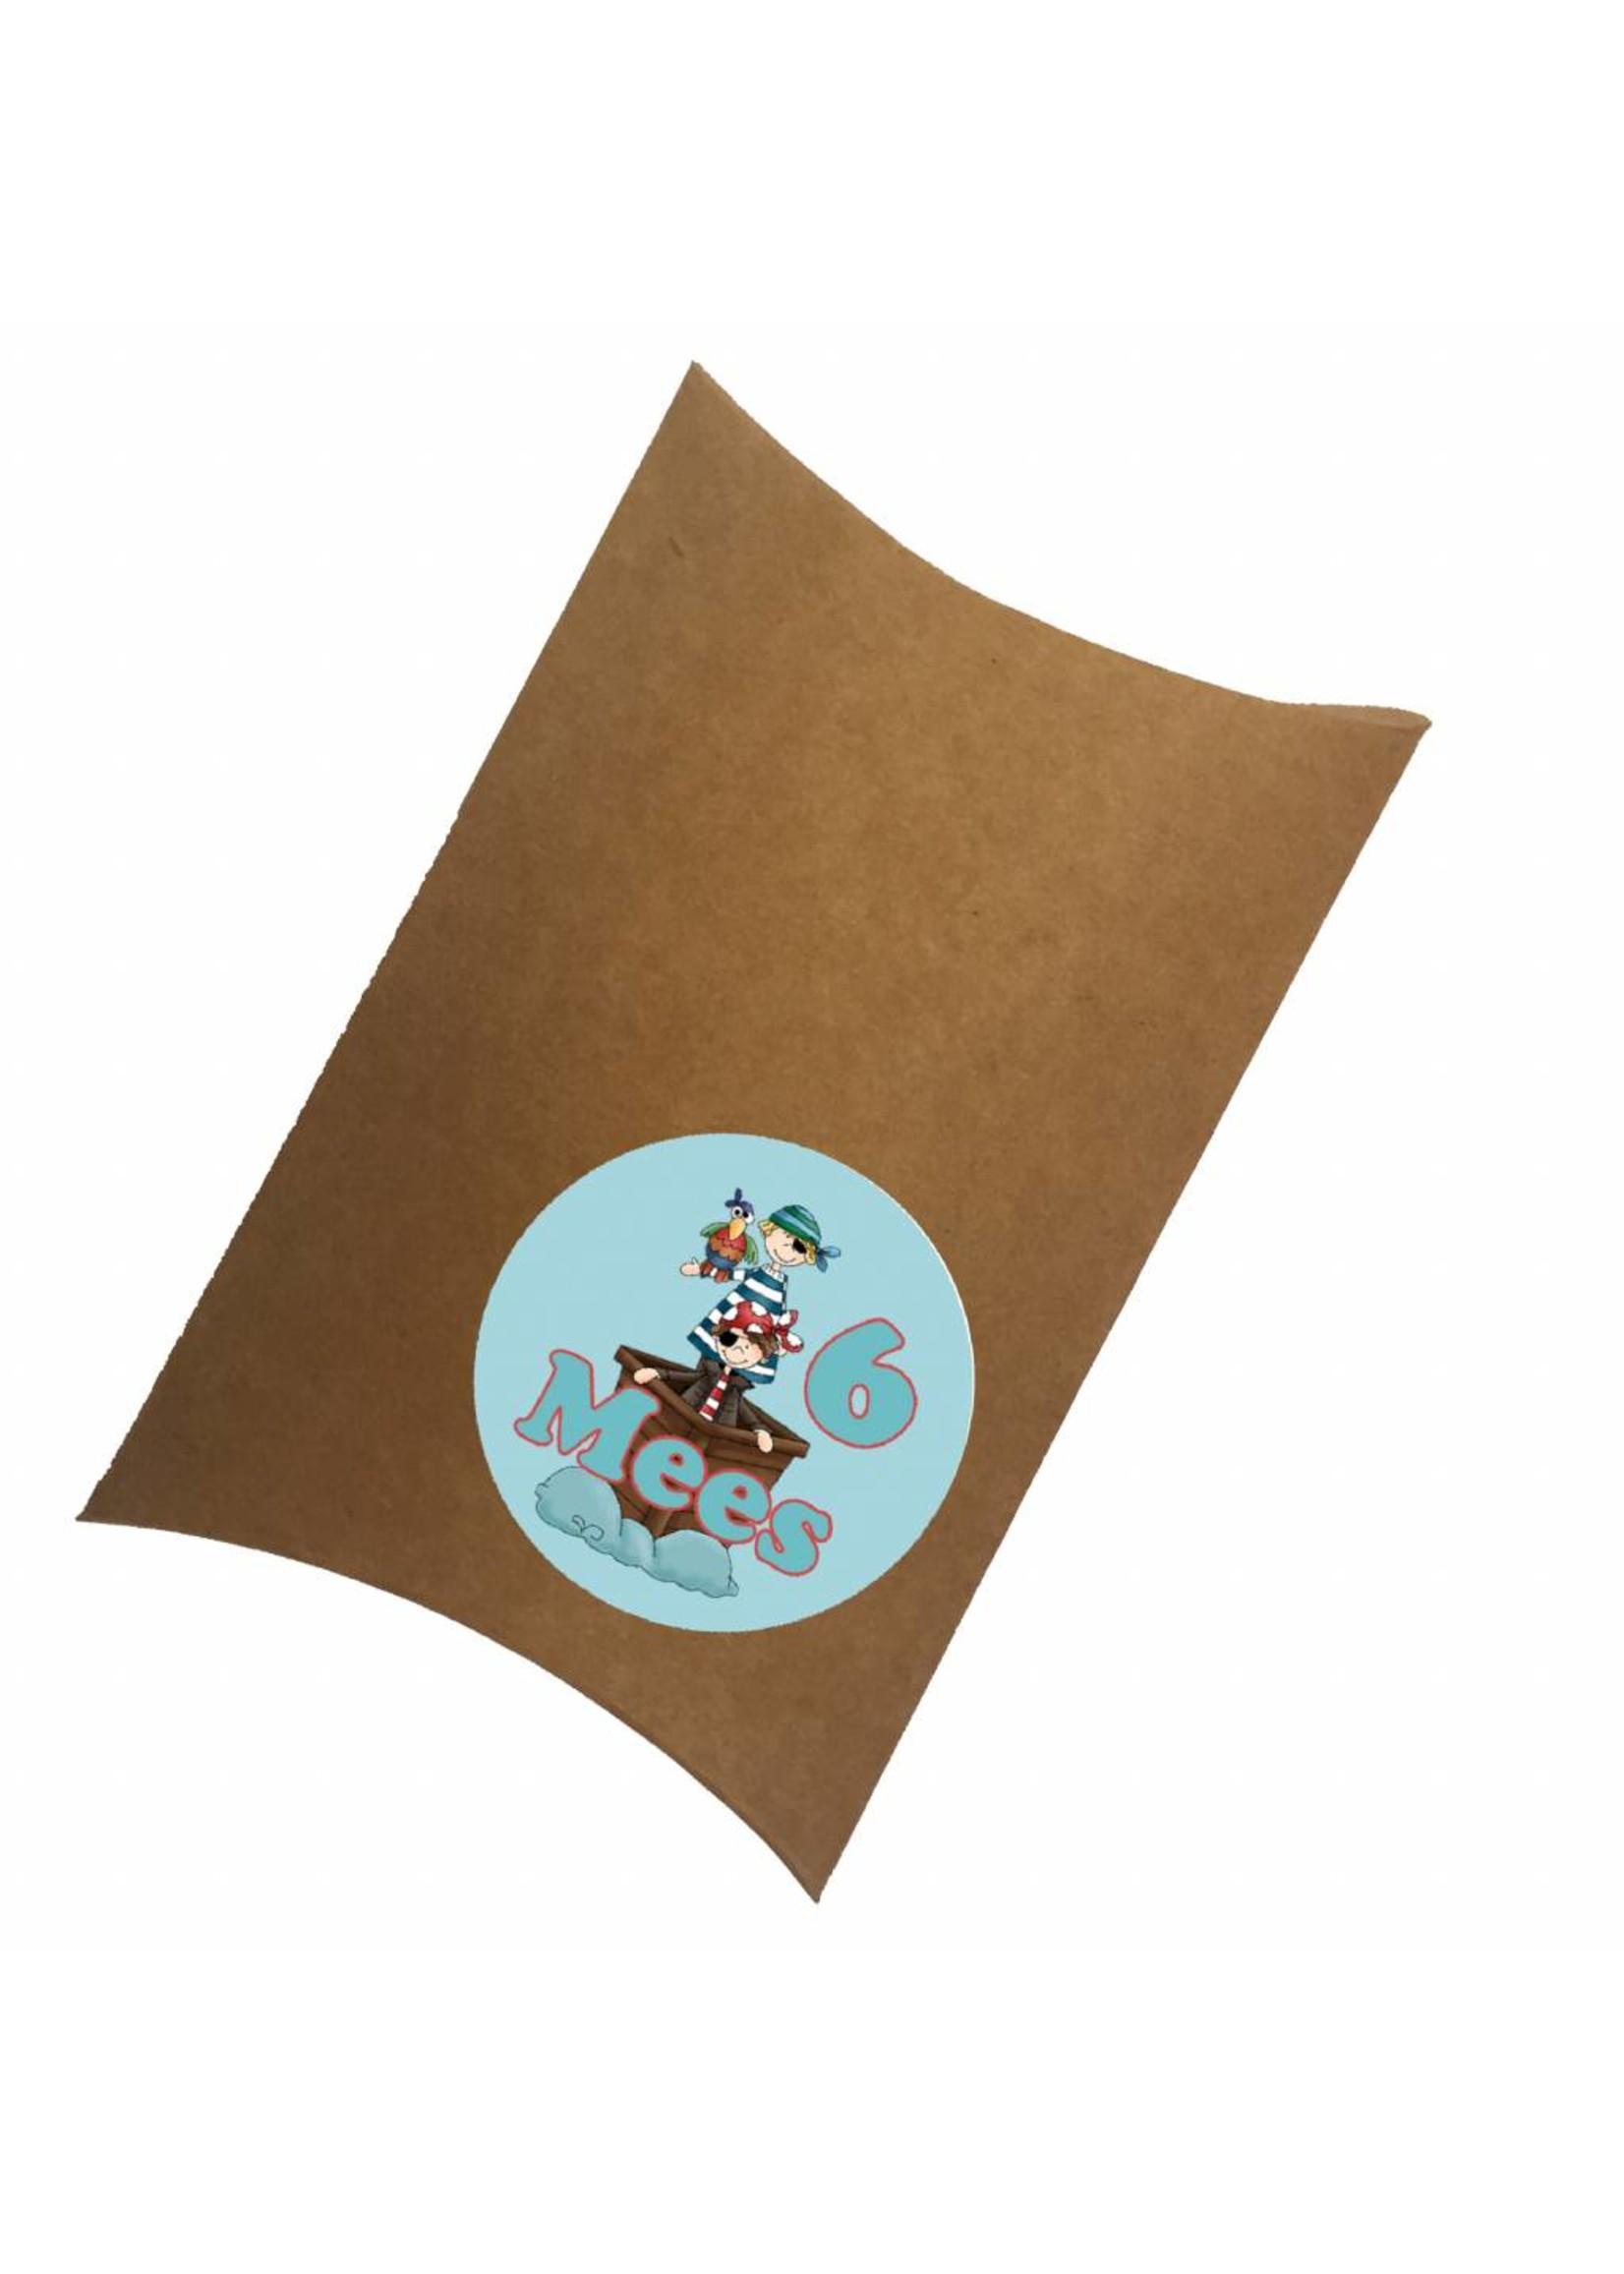 Traktatiedoosje (pillowbox) piraat met naam en leeftijd